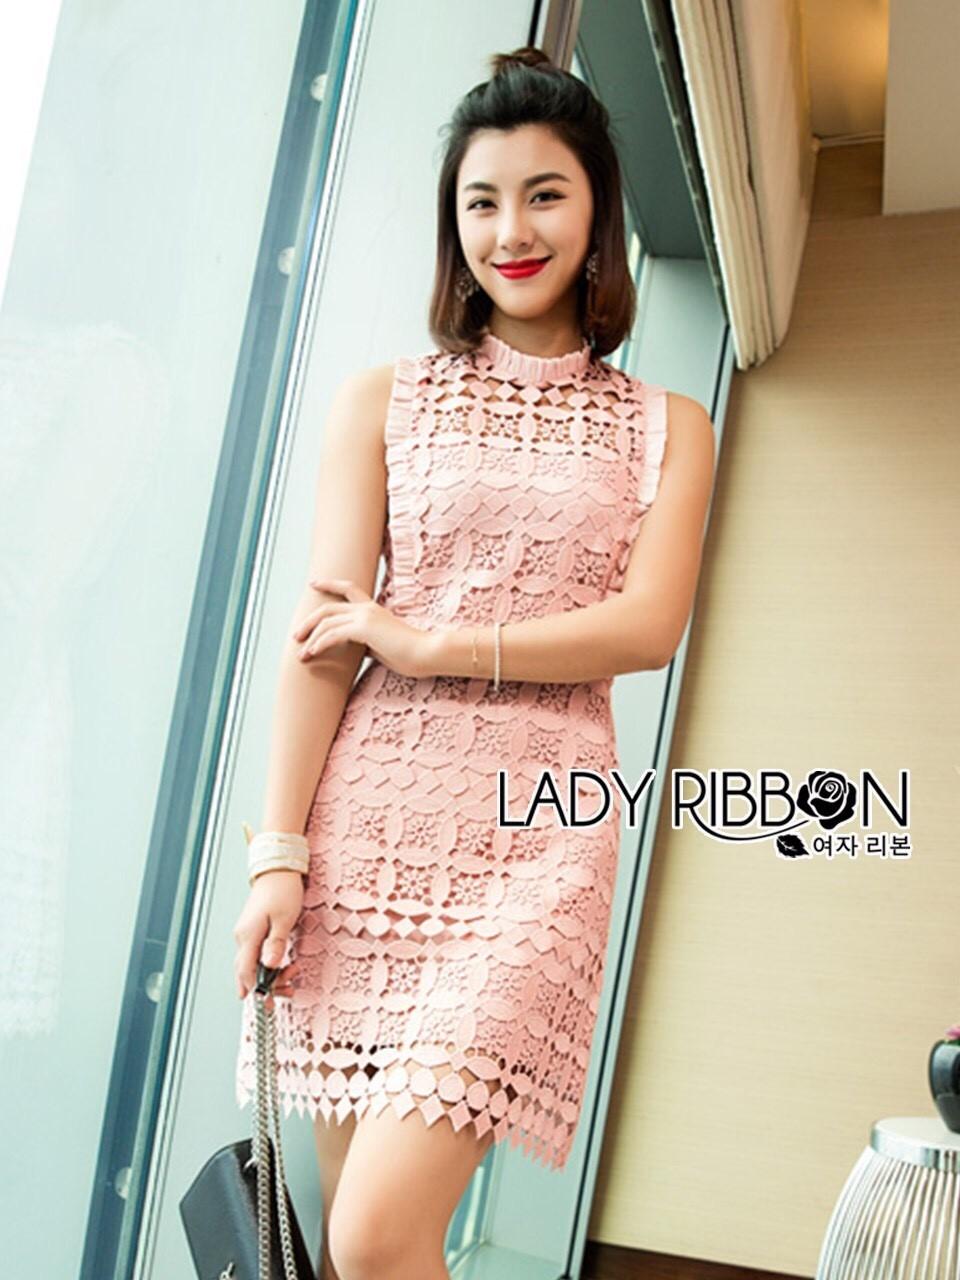 ชุดเดรสเกาหลี พร้อมส่งมินิเดรสผ้าลูกไม้สีชมพูอ่อนทรงแขนกุด